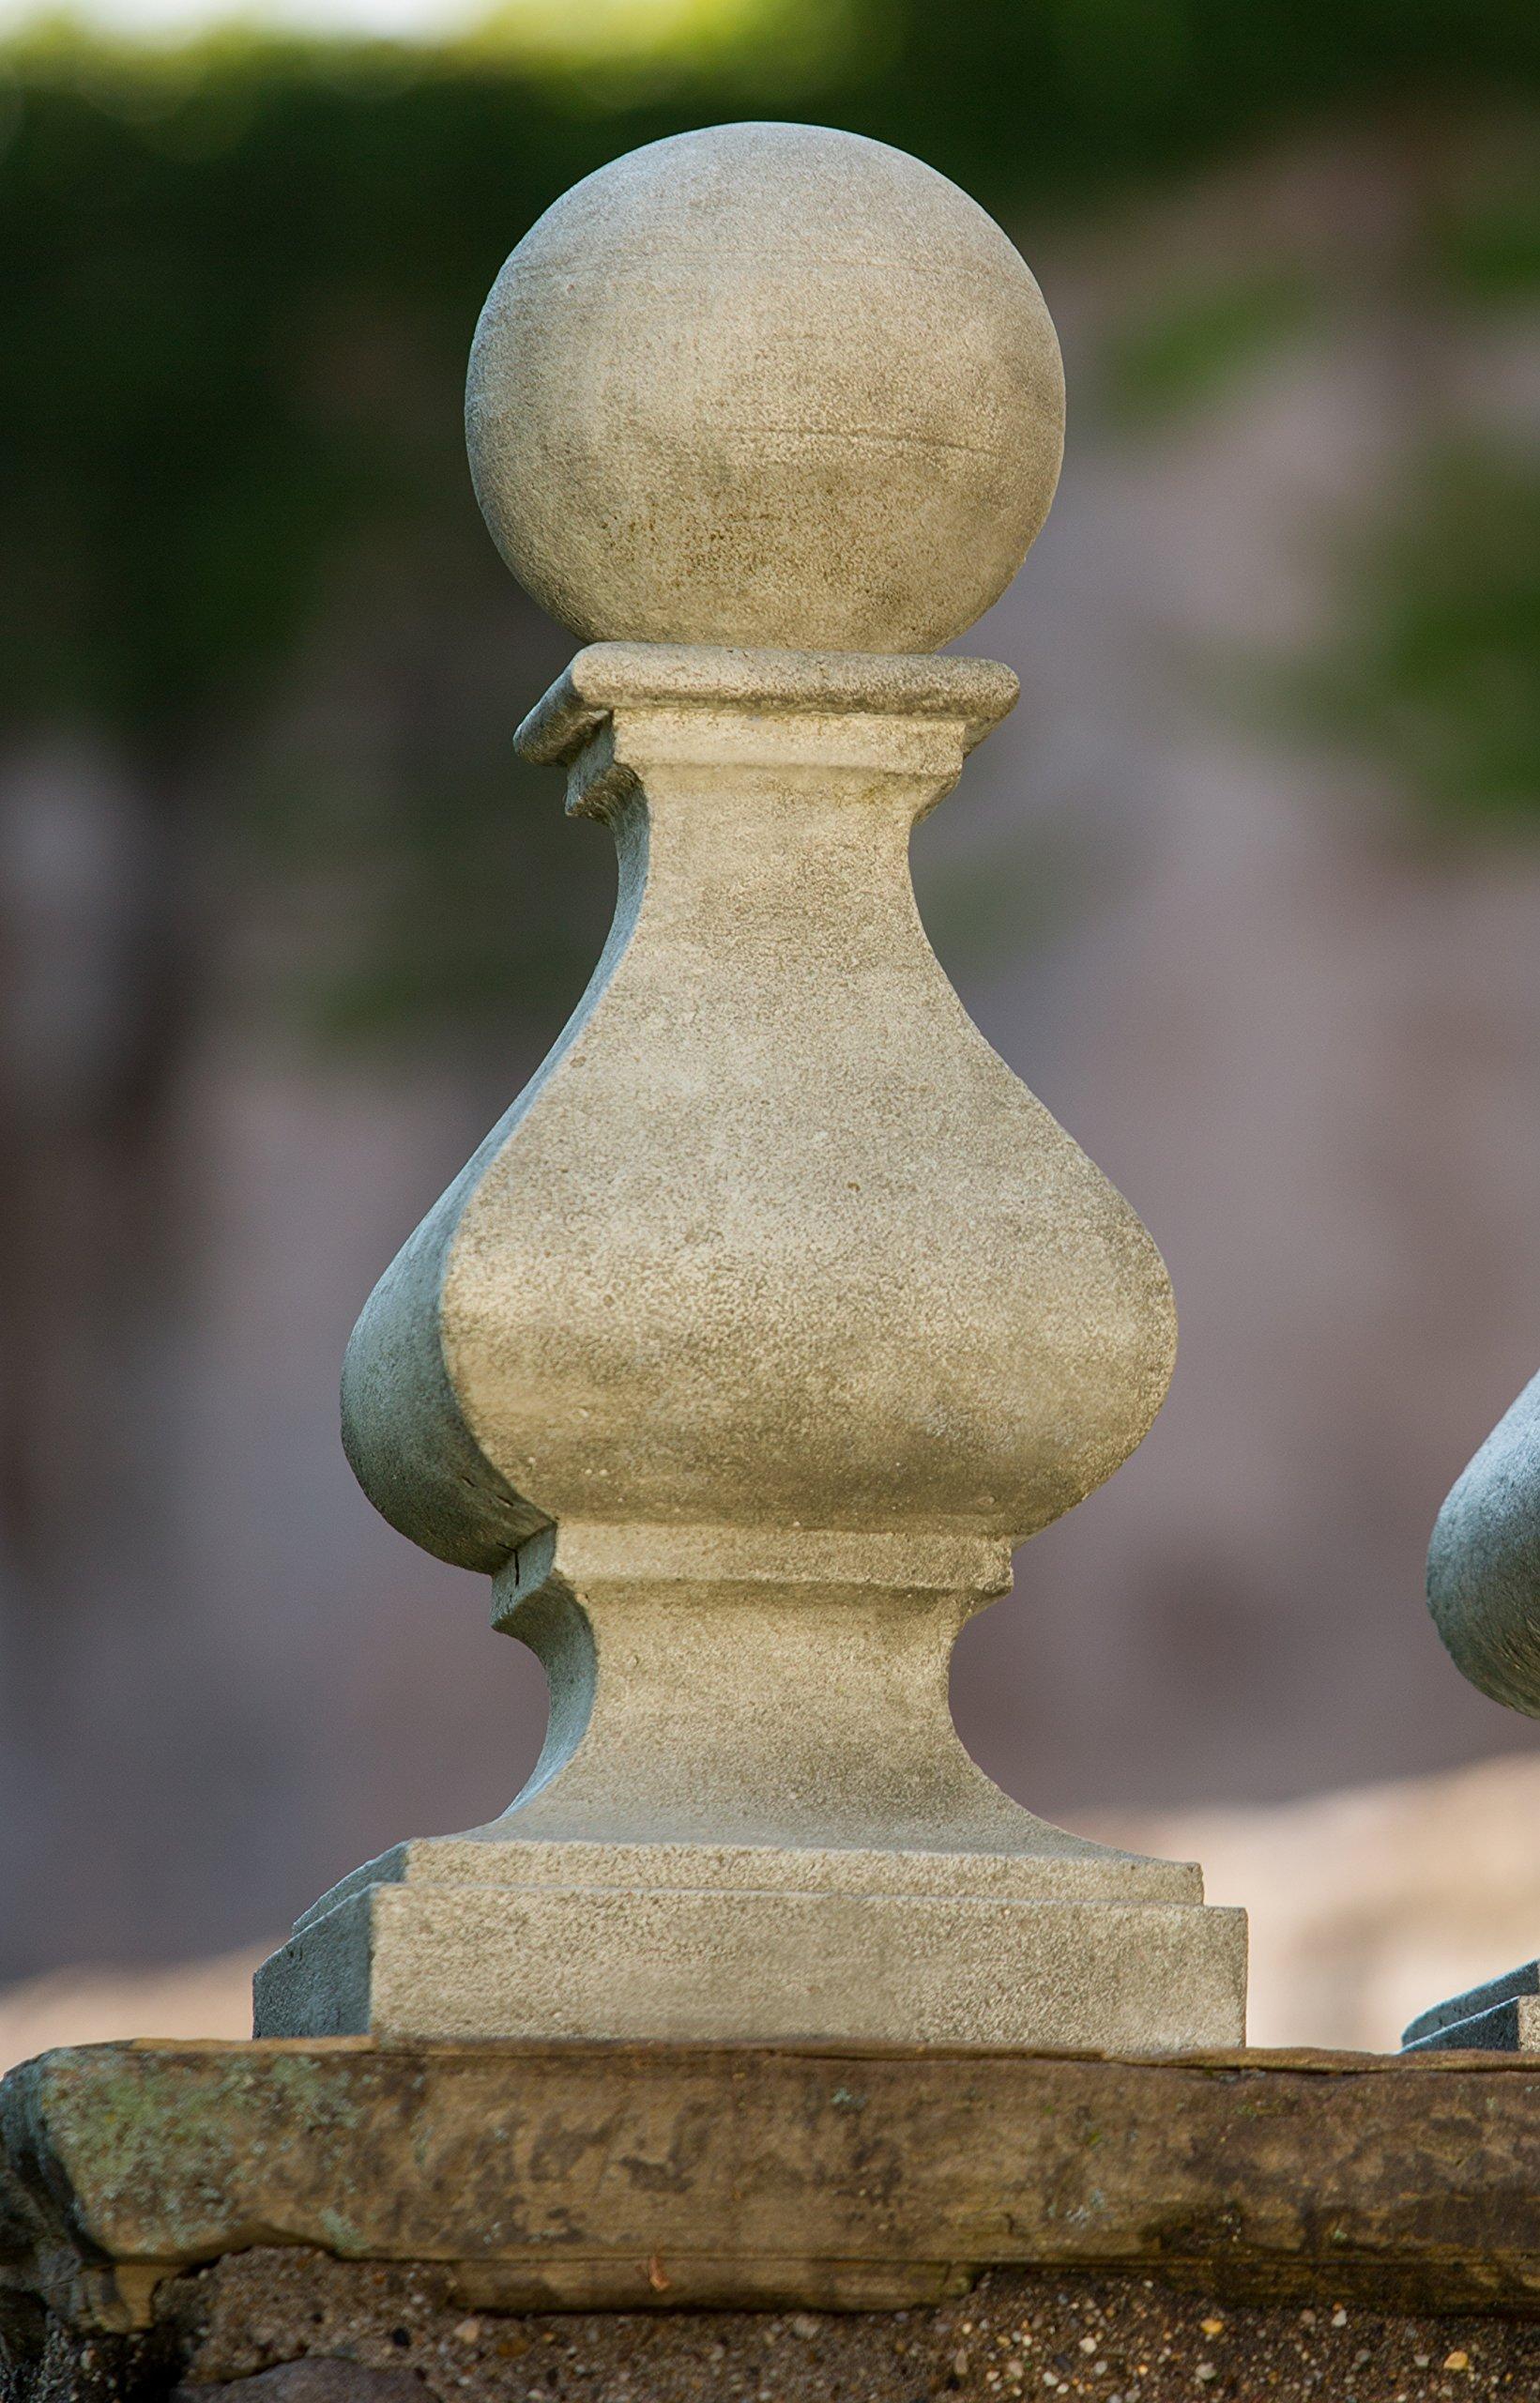 Campania International S-439-GS Rouen Finial Statue, large, Grey Stone Finish by Campania International